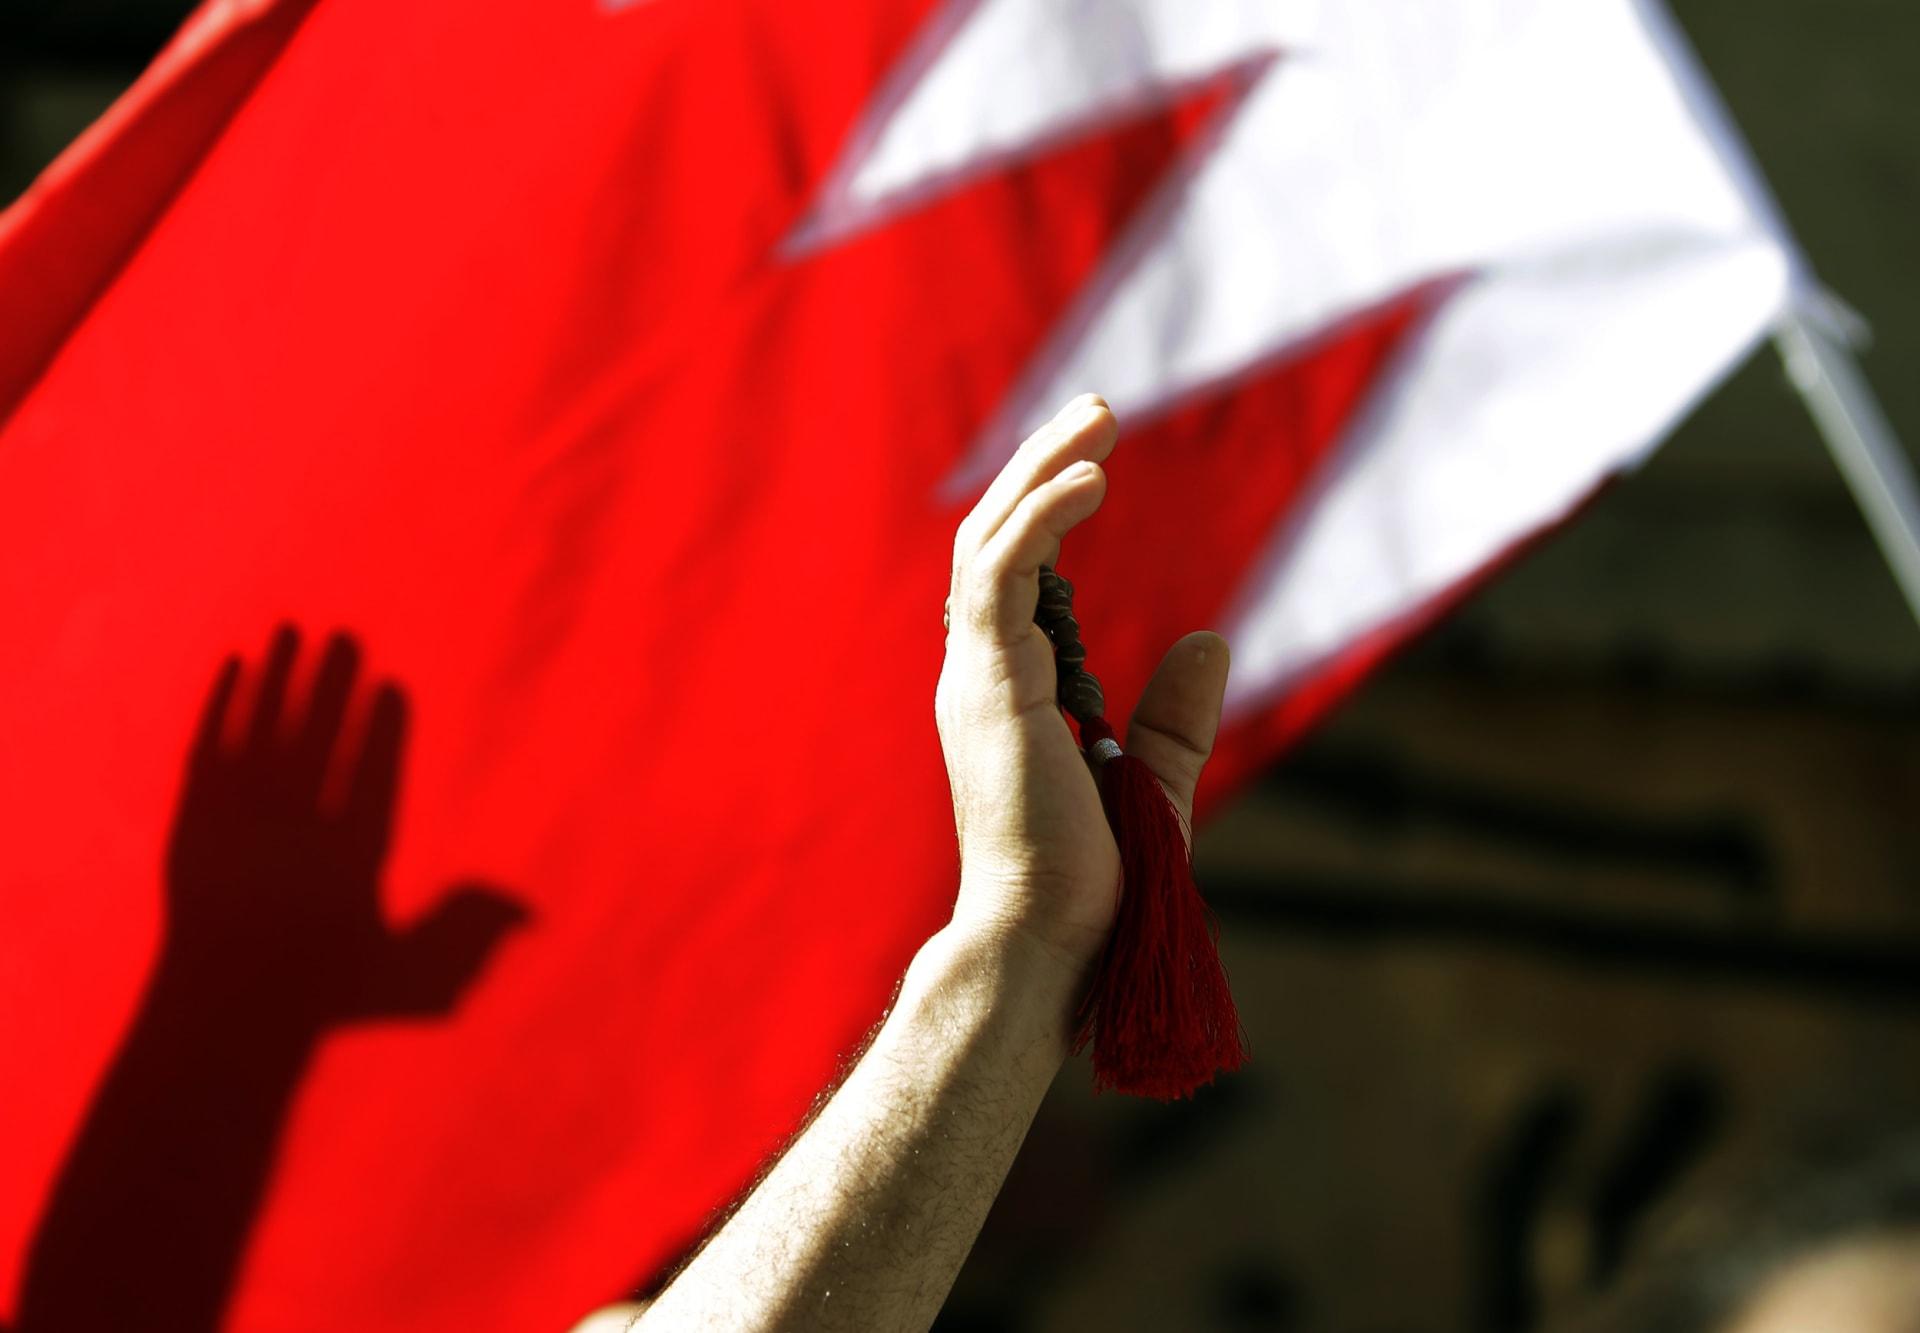 البحرين ترد على أنباء تعرض سجناء للاعتداء: ارتكبوا أعمال فوضى وعنف